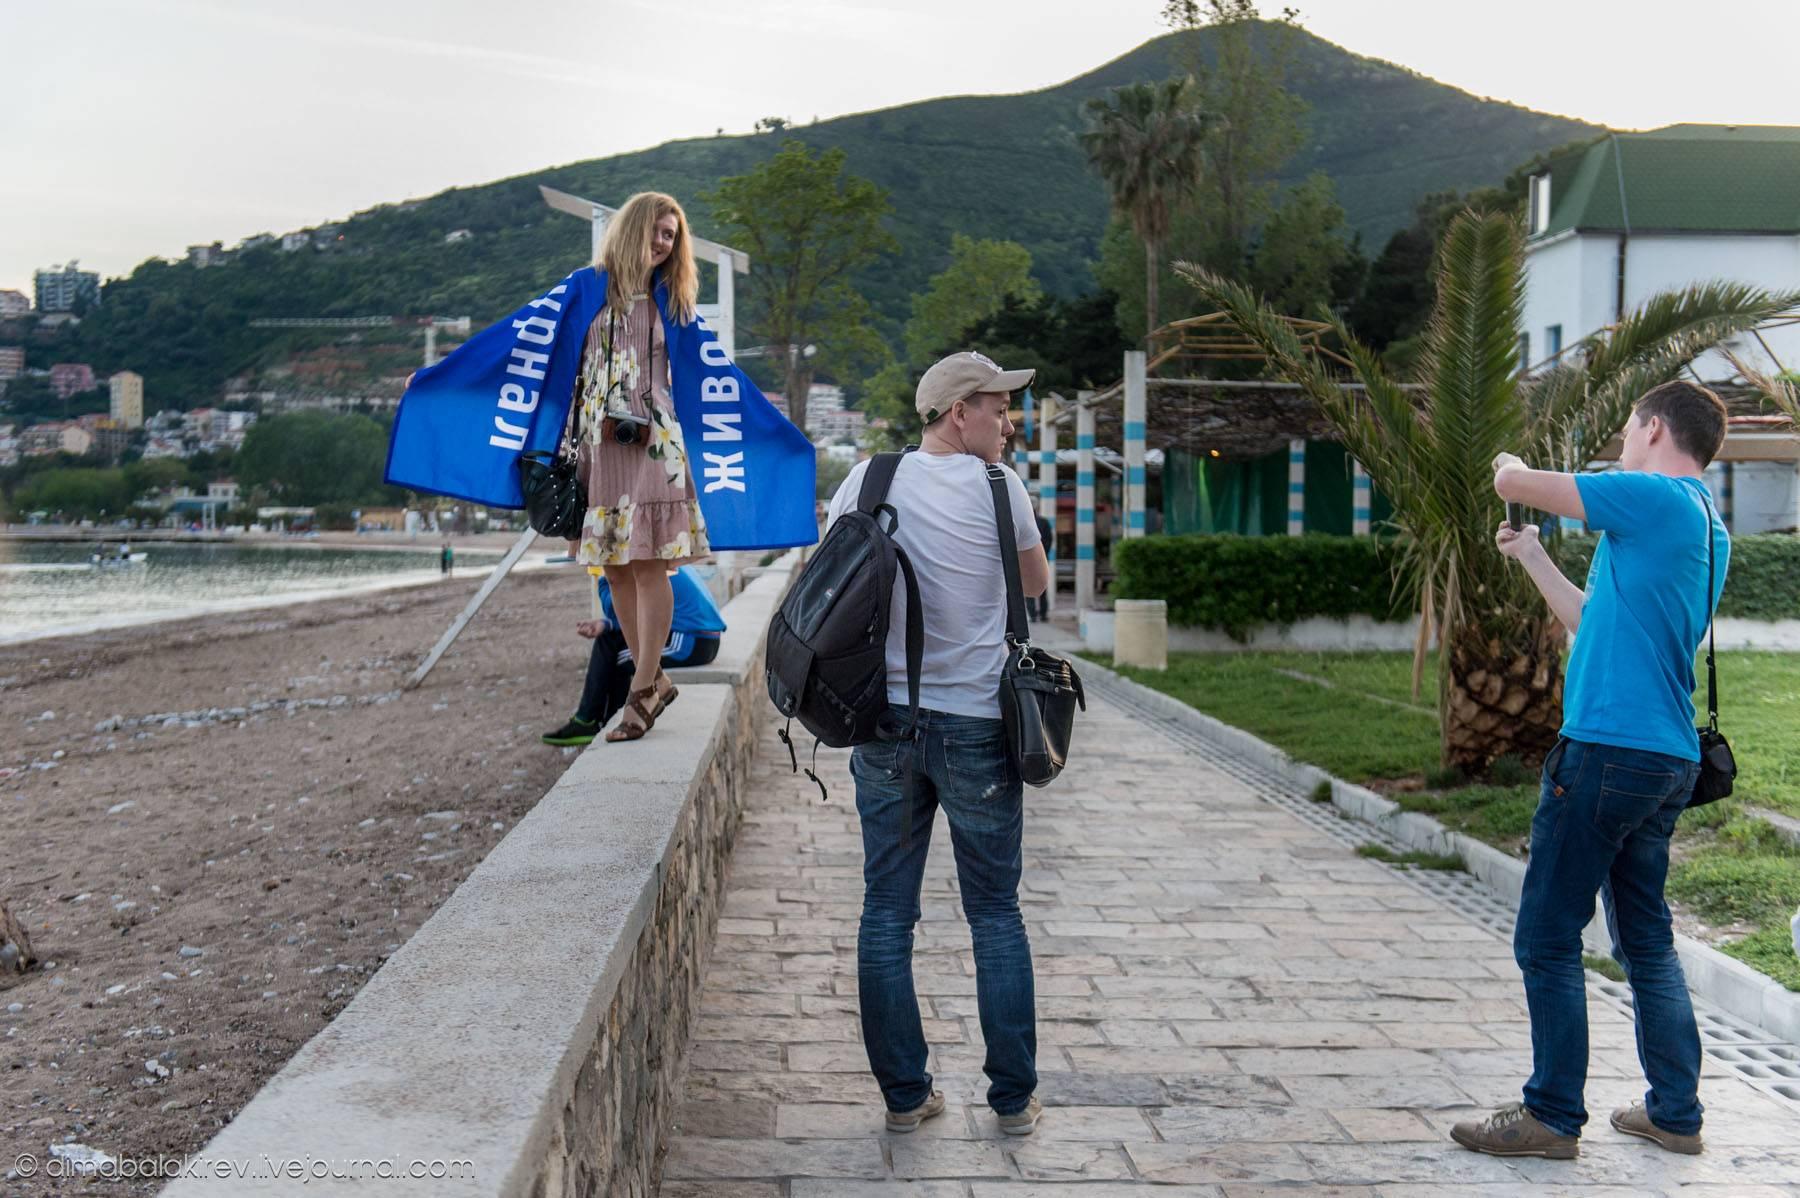 Налоги в черногории в 2021 году: туристический, недвижимость, городской, ндс, прибыль